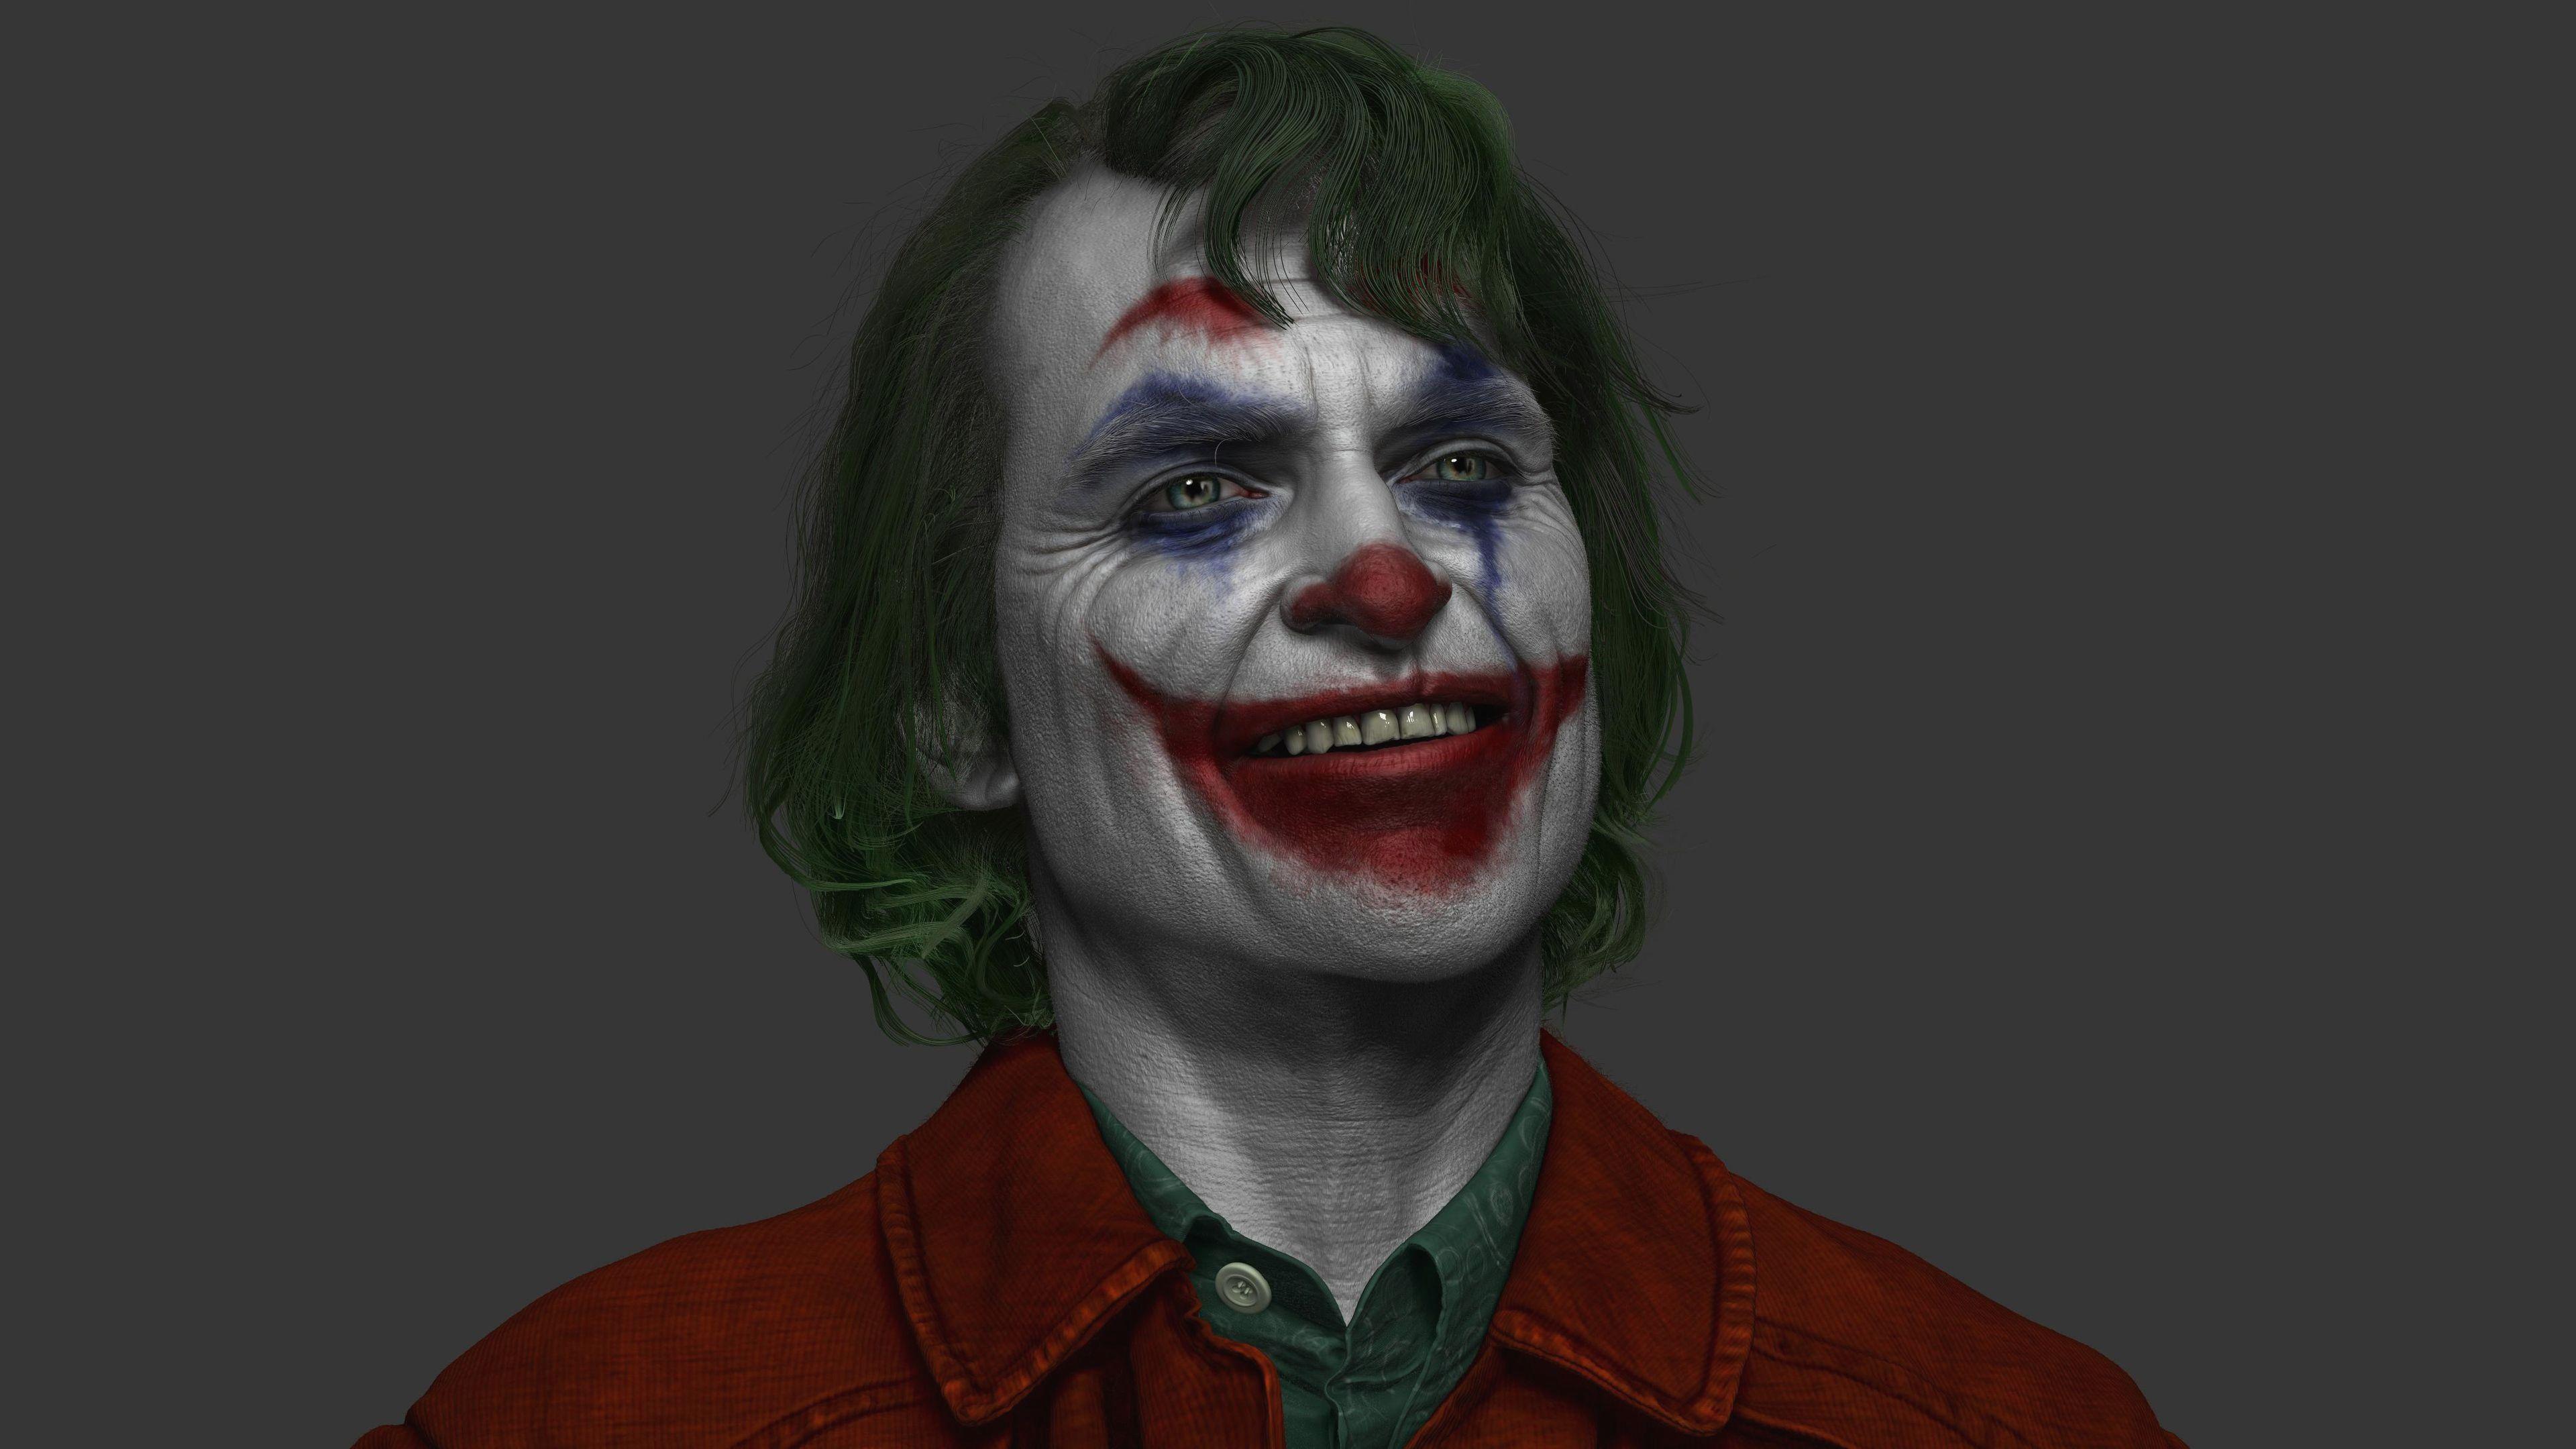 High Resolution Joaquin Phoenix Joker 2019 Poster Wallpaper